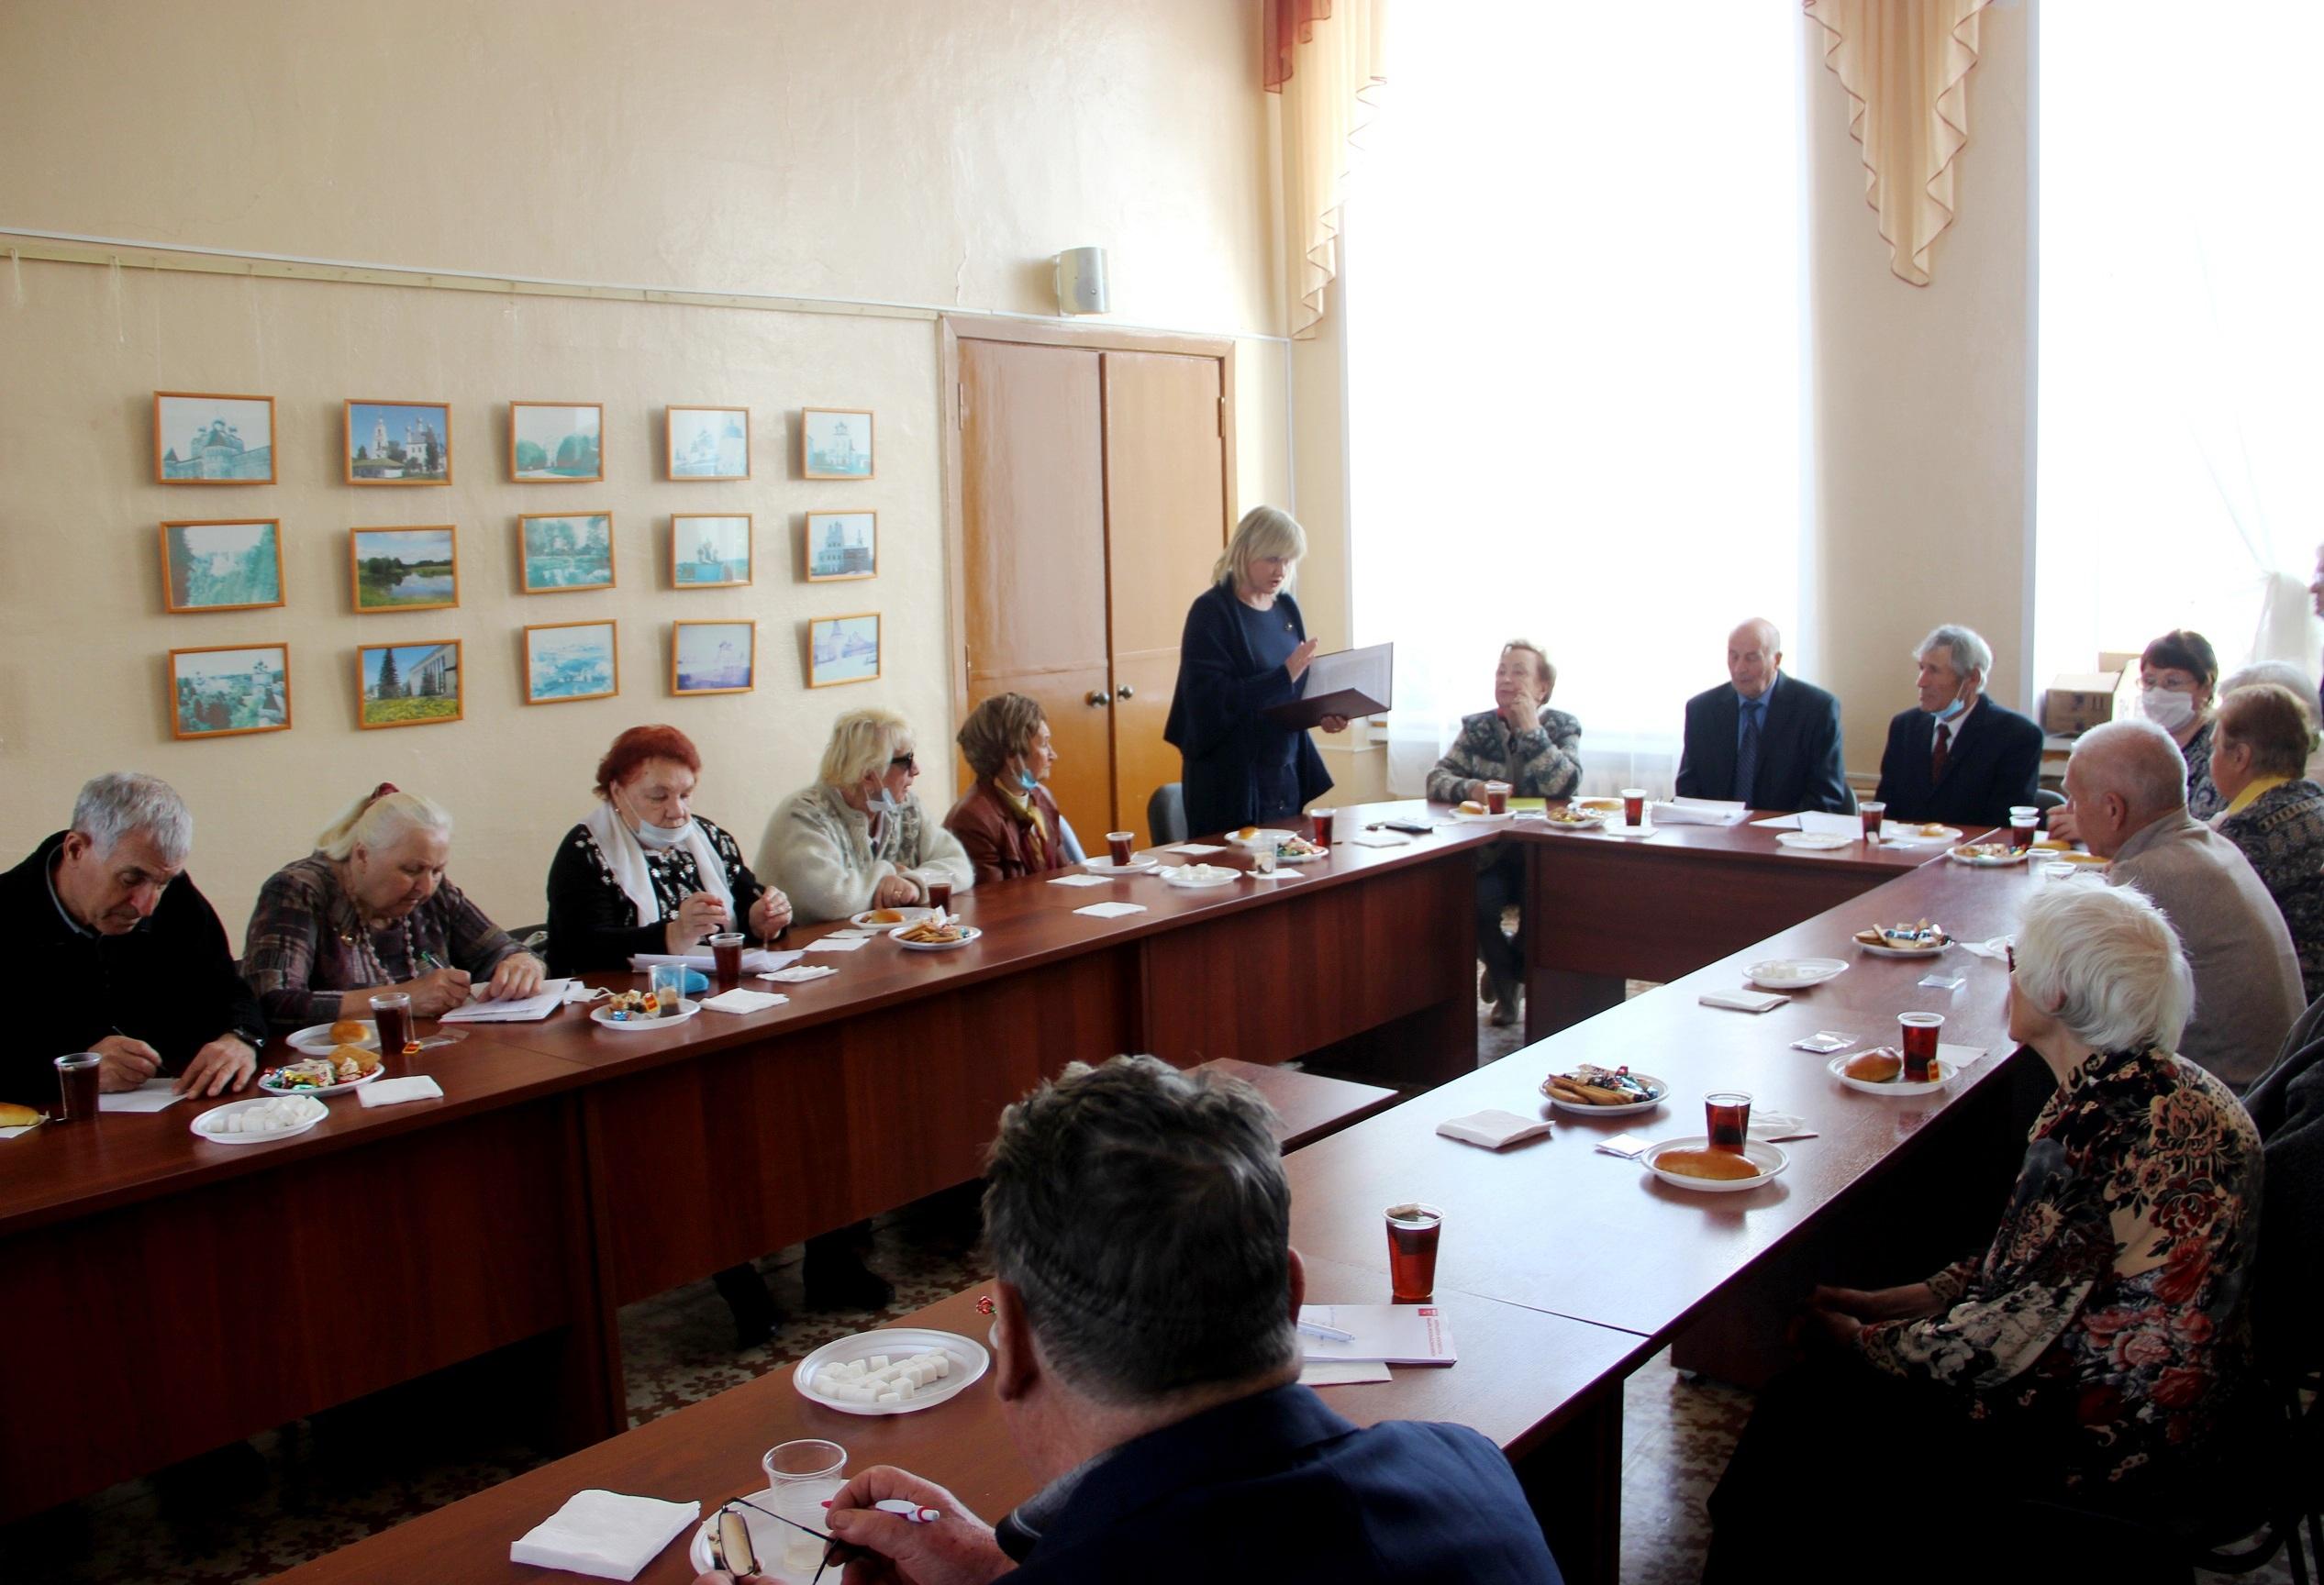 Состоялось заседание правления областной организации «Дети войны»  (фоторепортаж)